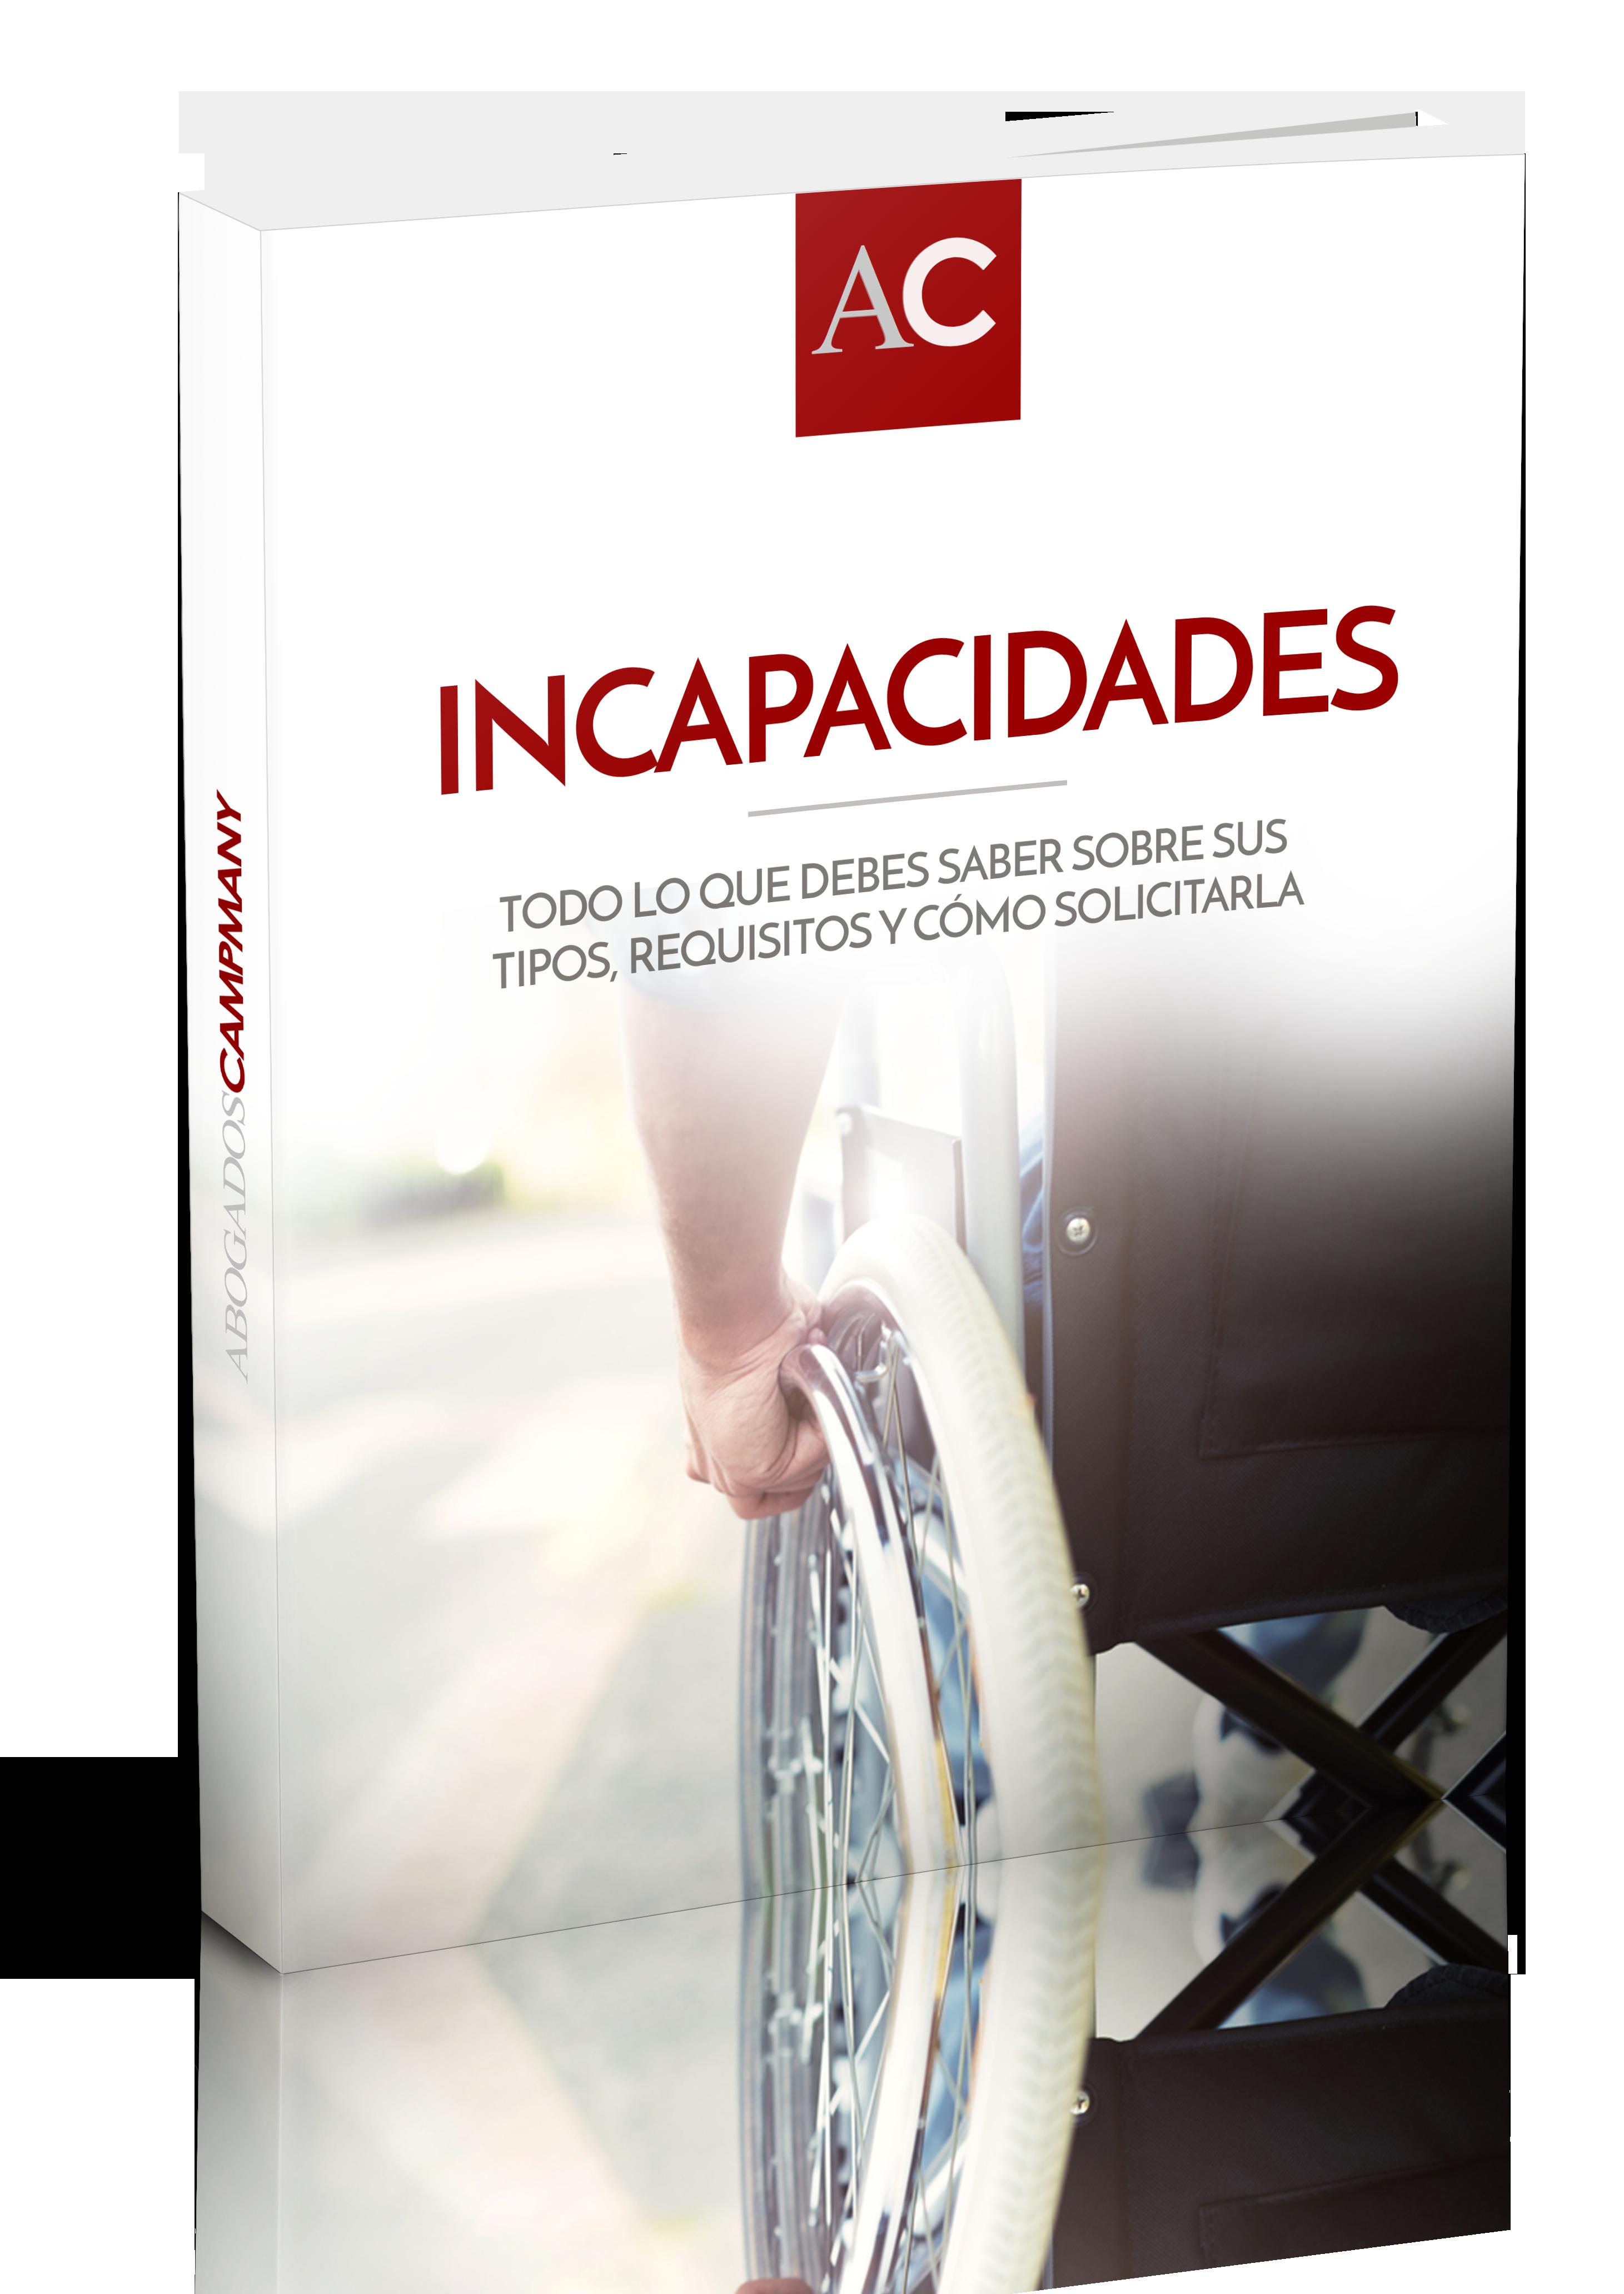 Guia informativa sobre incapacidades, tipos, cuantías y solicitudes